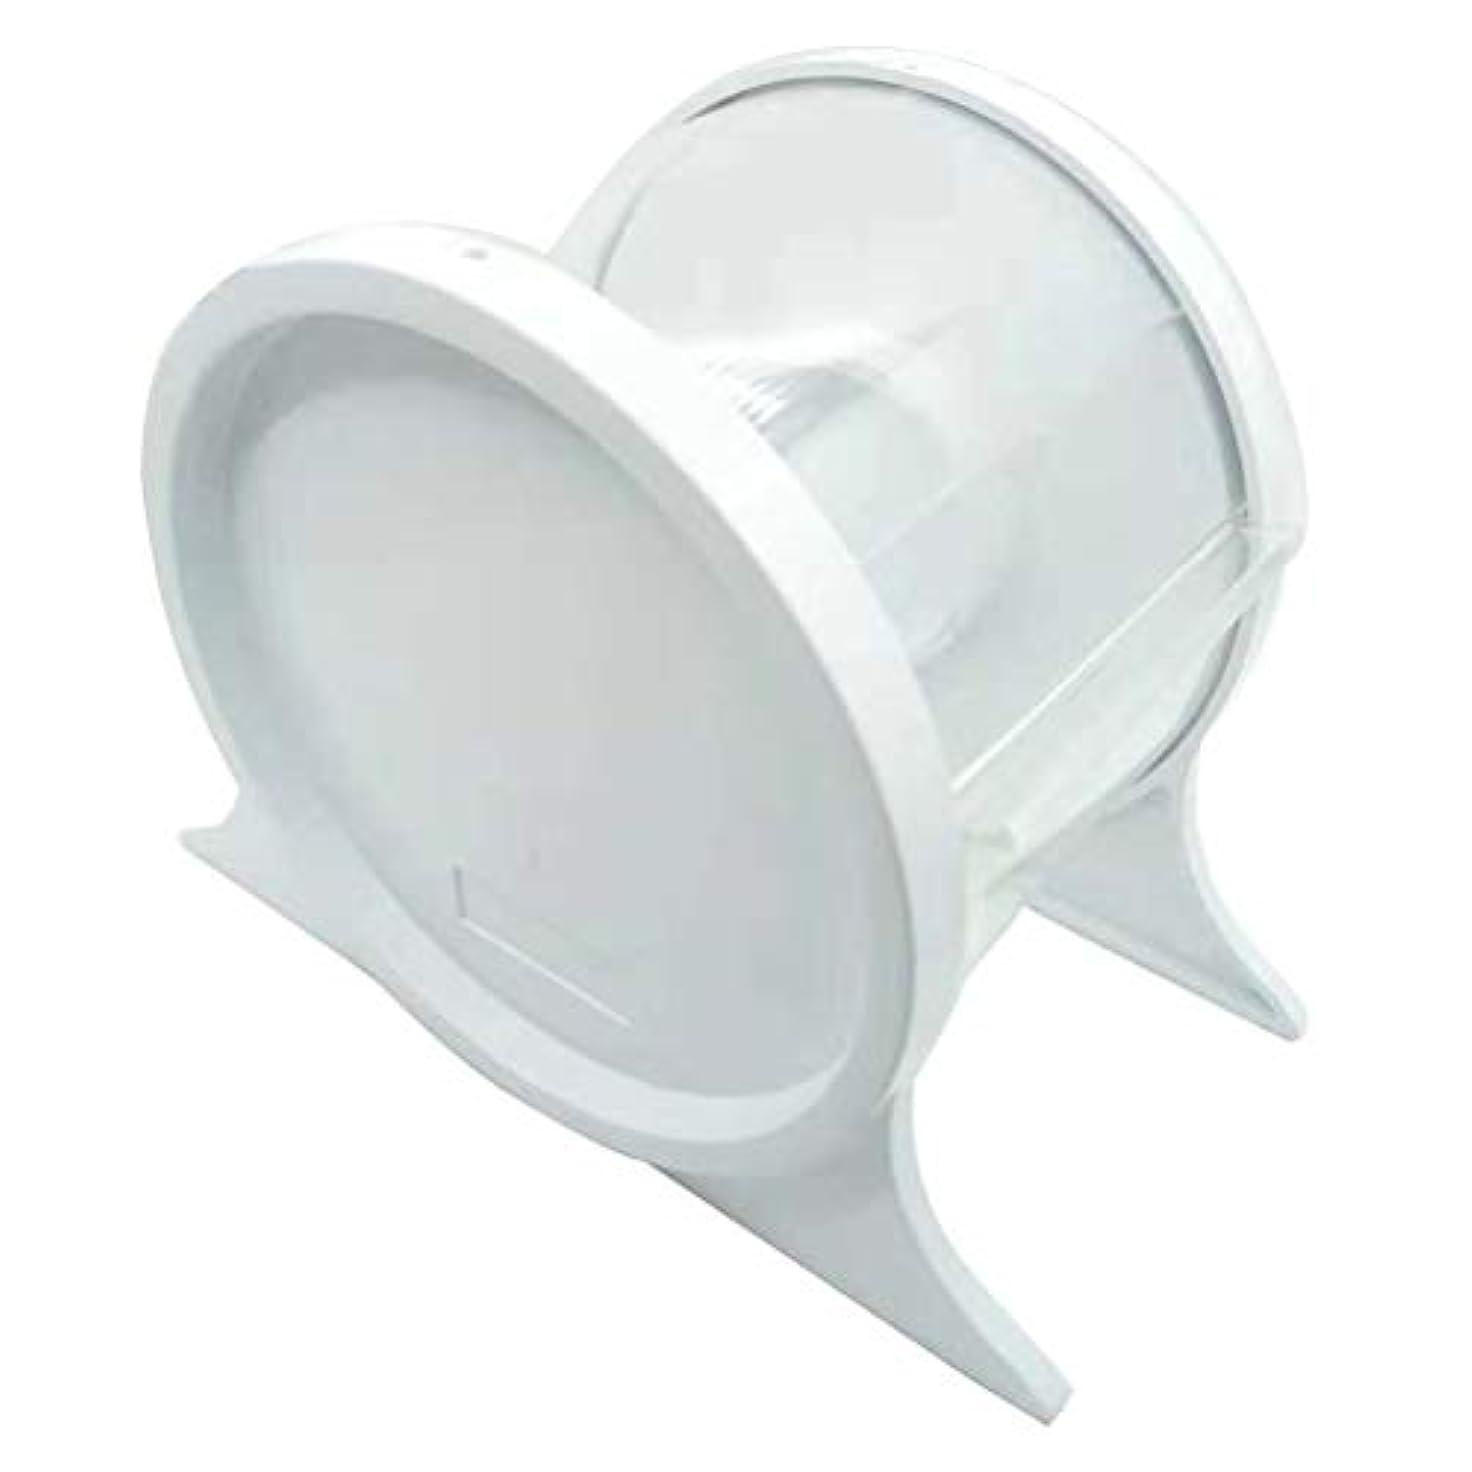 レジデンス勧告破滅Healifty 1ピース使い捨て歯科バリアフィルムディスペンサー保護スタンドホルダーシェルフ歯科ツール(ホワイト)